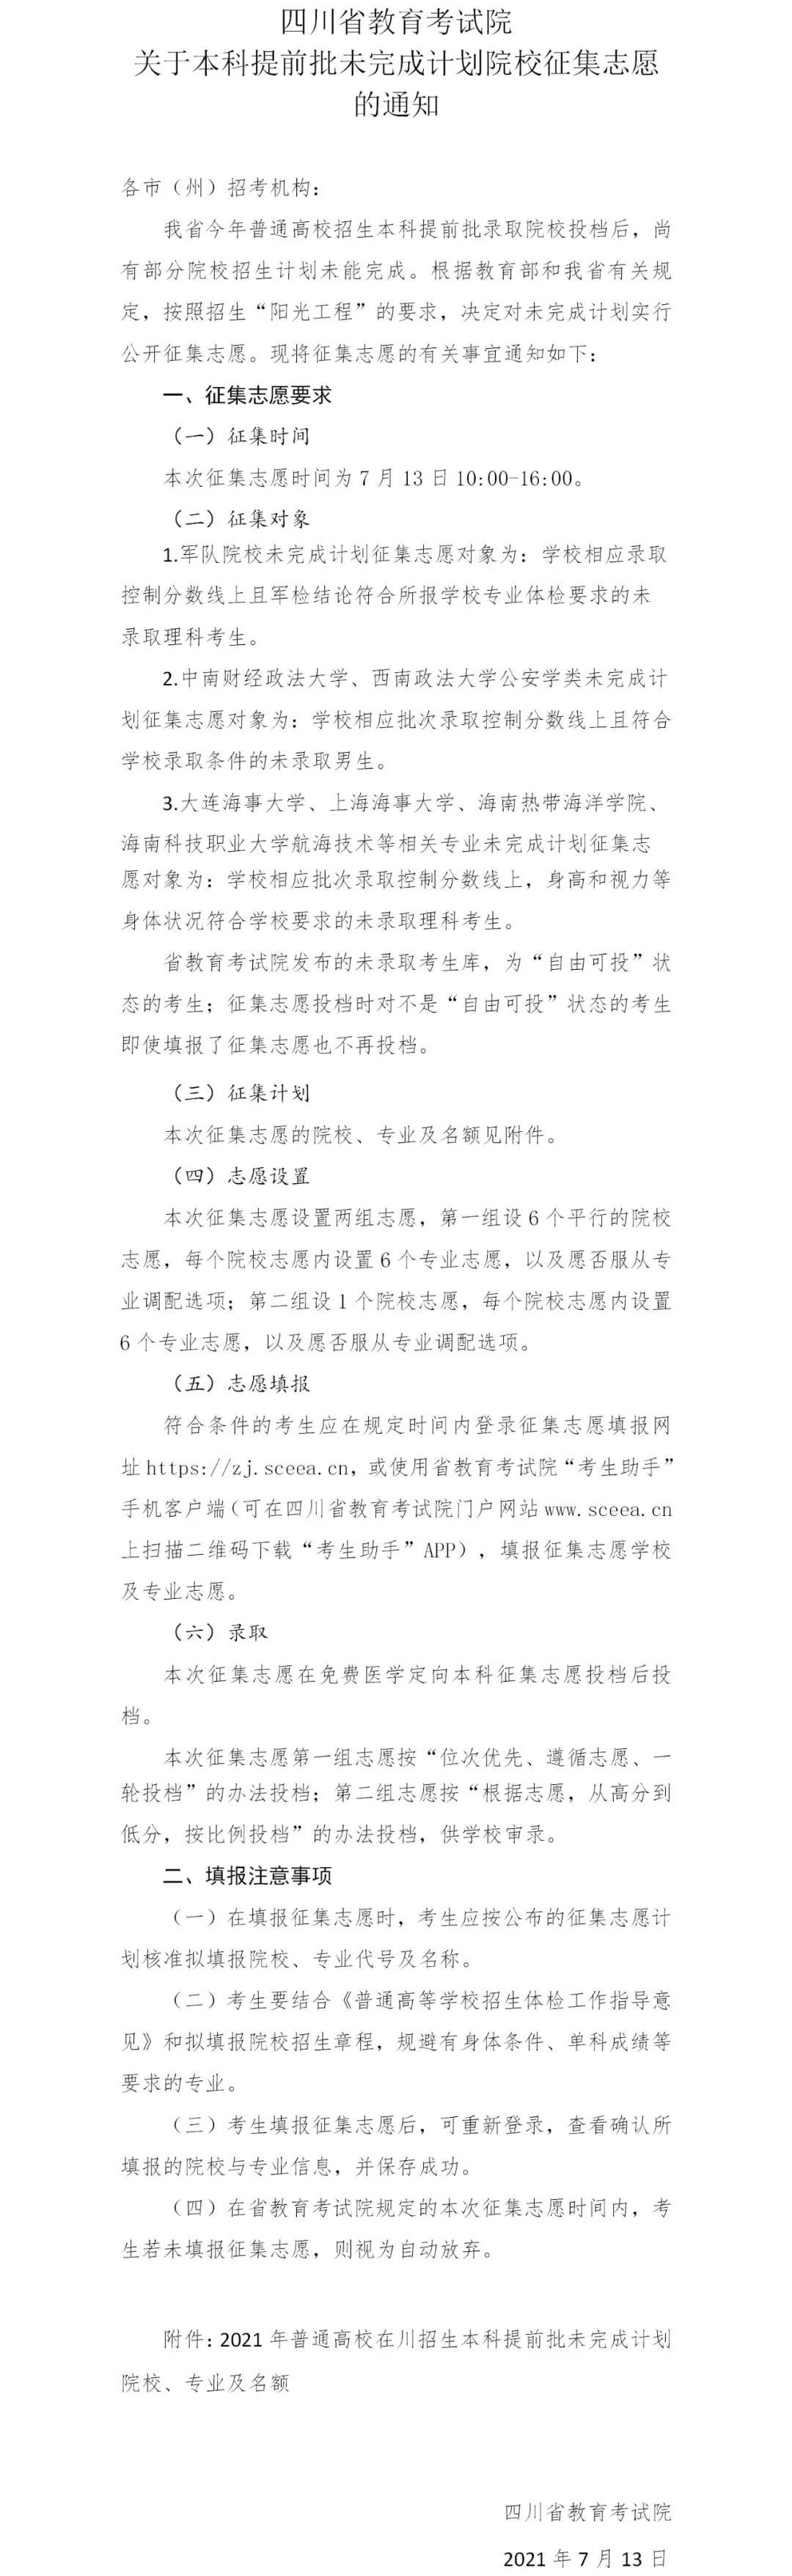 四川2021有关本科提前批未完成计划院校征集志愿的落实通告